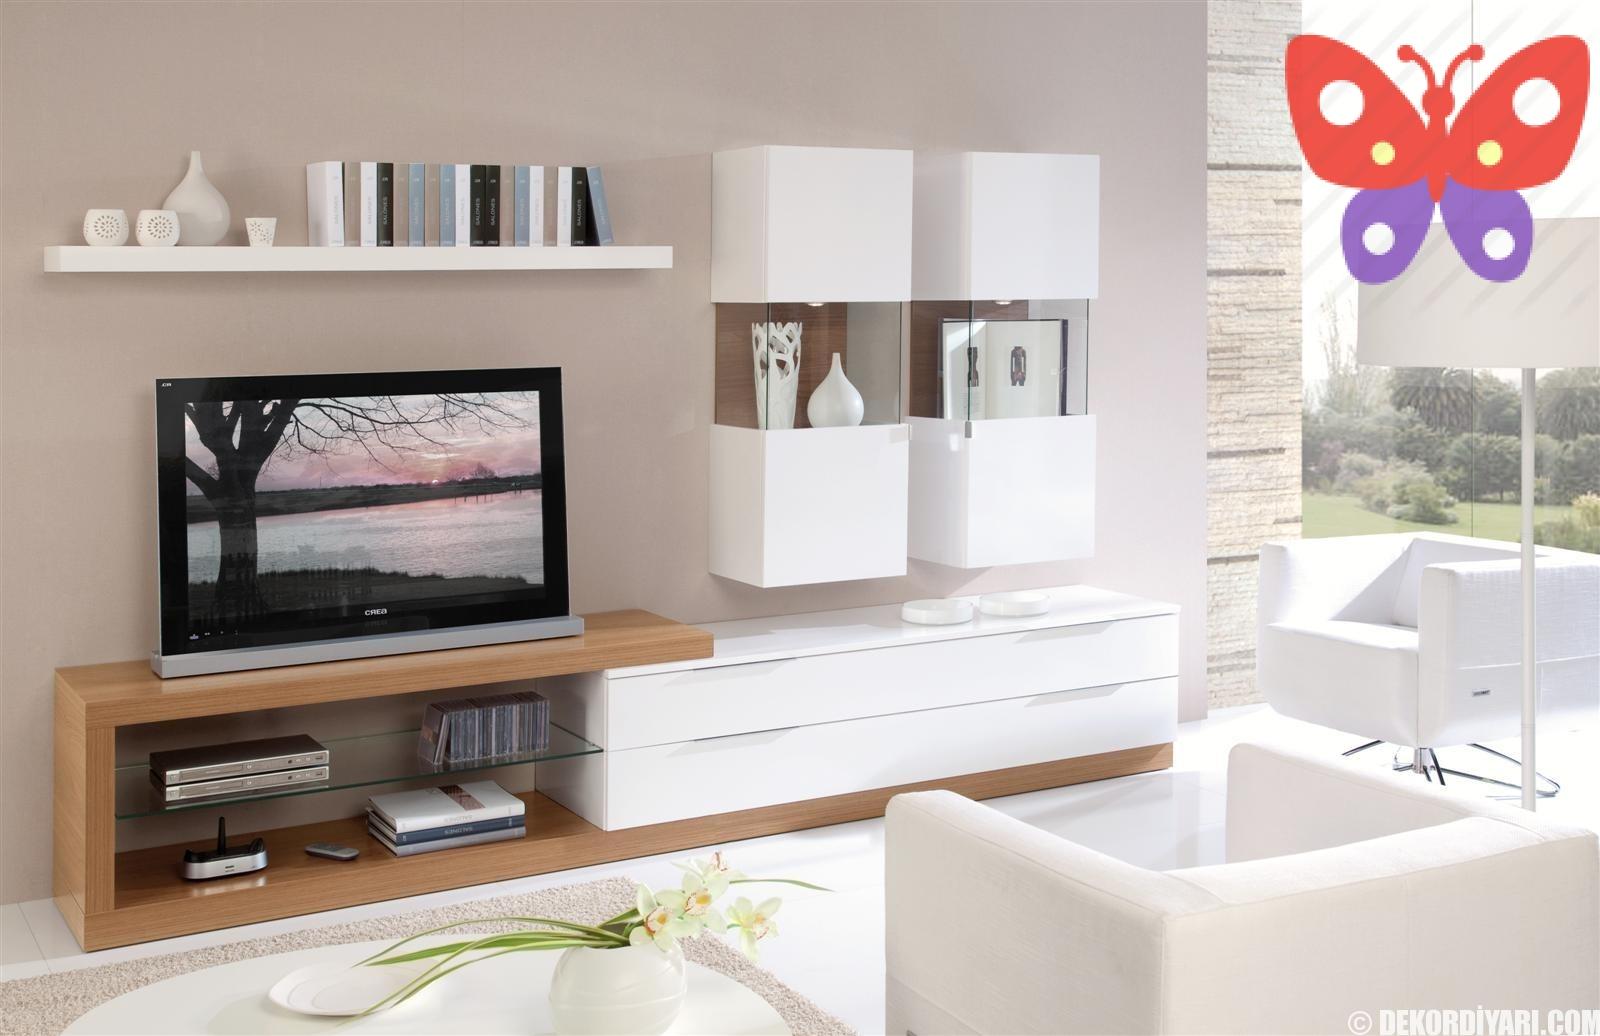 en-sik-guzel-tv-televizyon-unitesi-modelleri-fiyatlari-2016-3